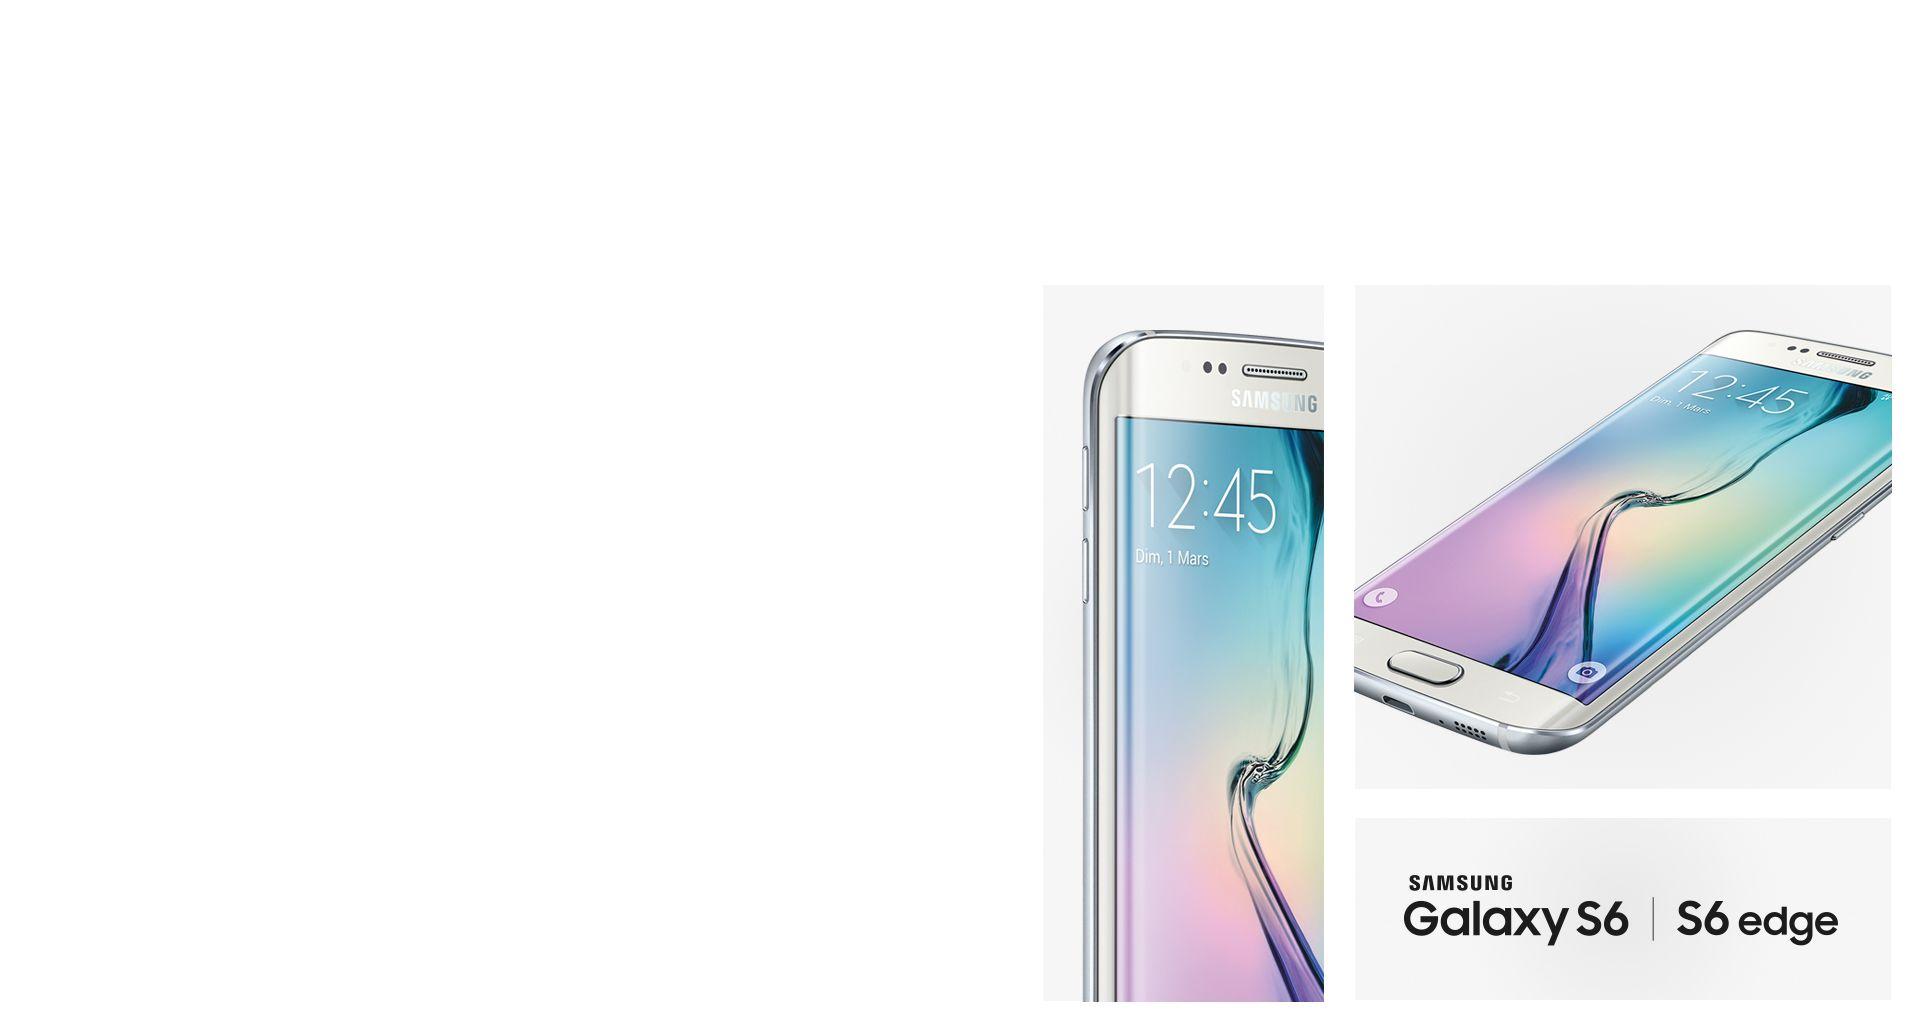 Du 1er juillet au 16 août 2016 inclus, Samsung vous rembourse jusqu'à 50€ pour l'achat d'un Galaxy  S6 ou S6 edge.